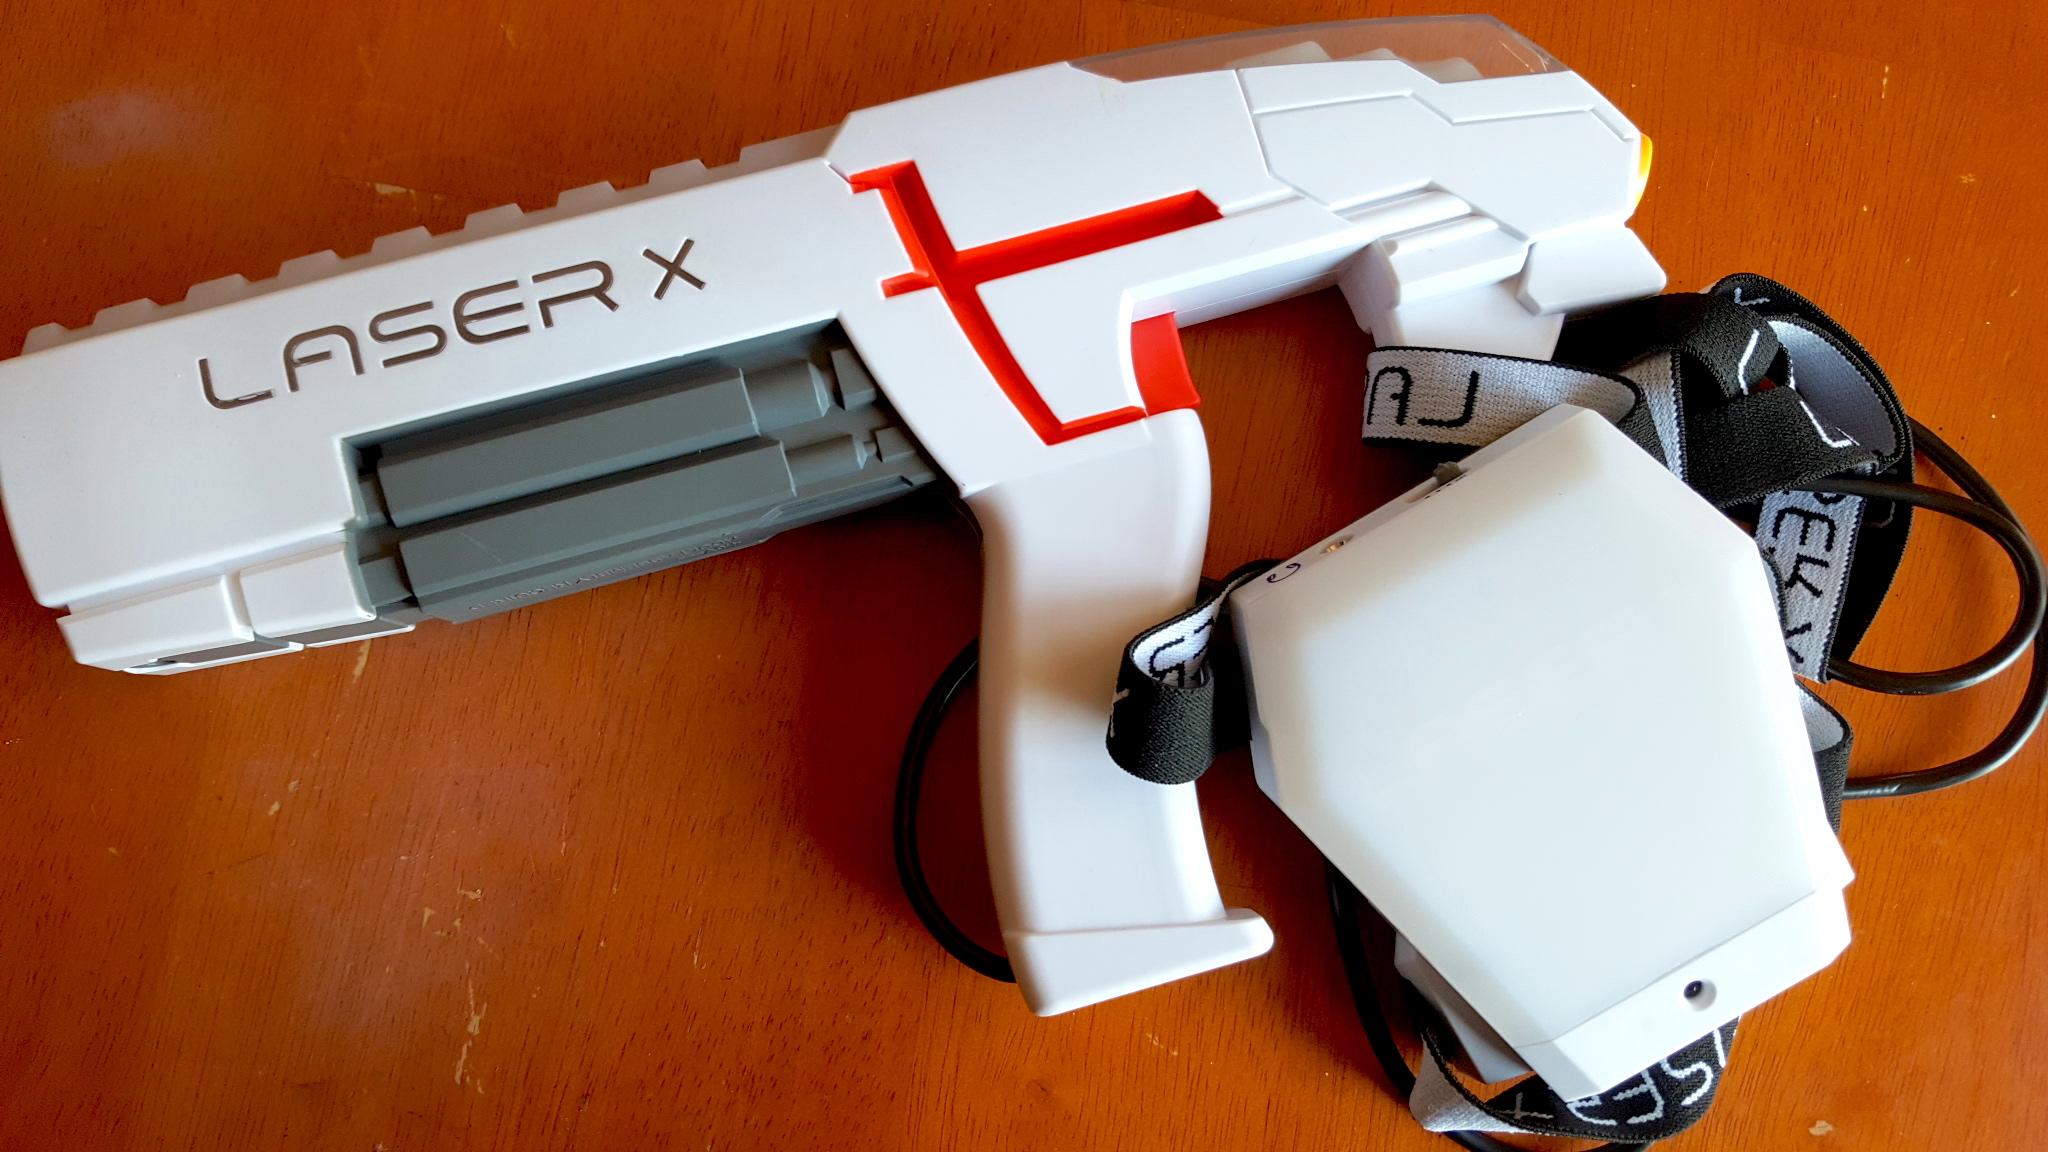 Laser X Laser Tag